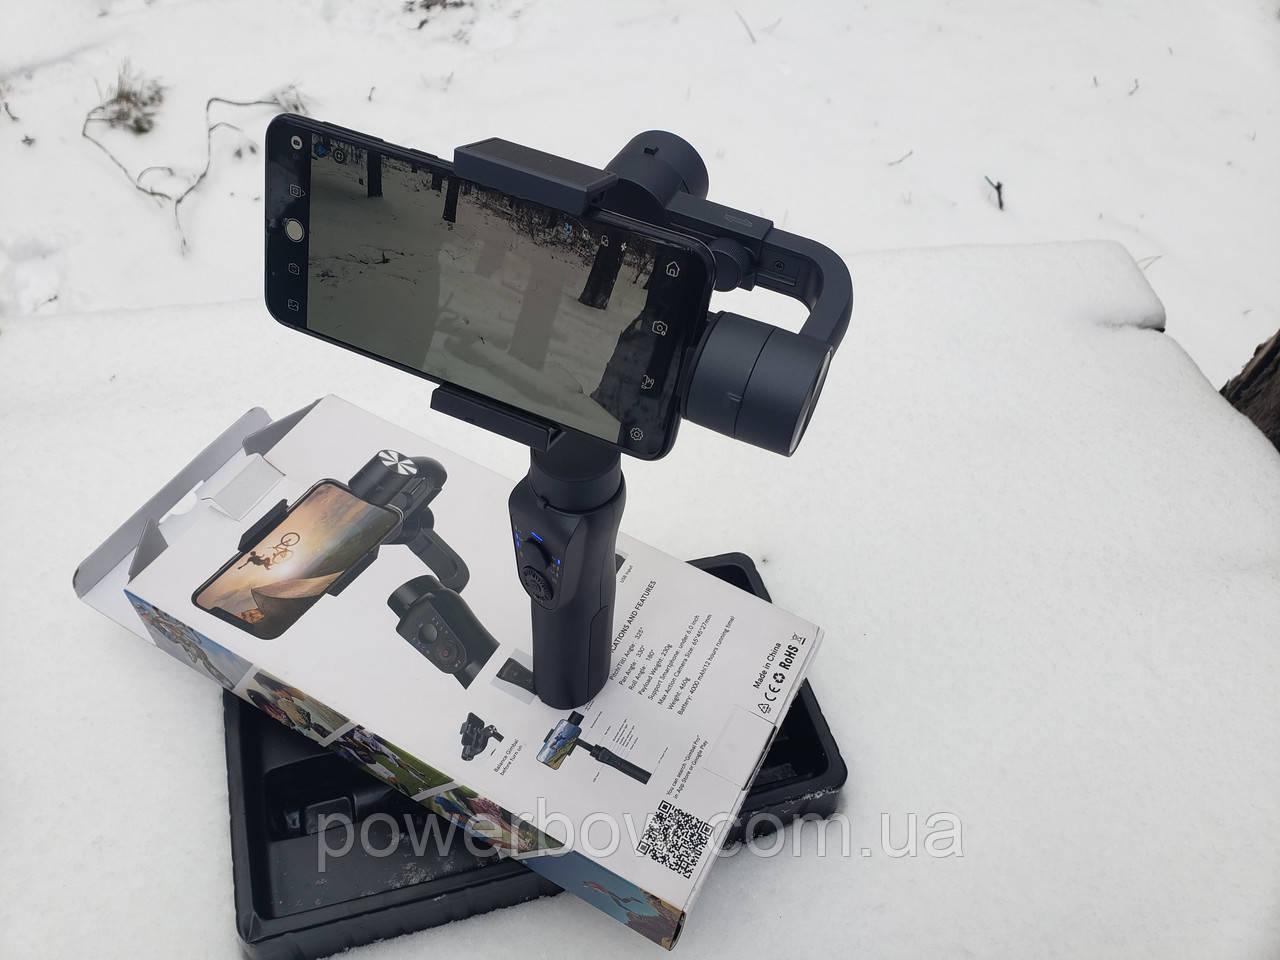 Стабилизатор для телефона Gimbal S5B